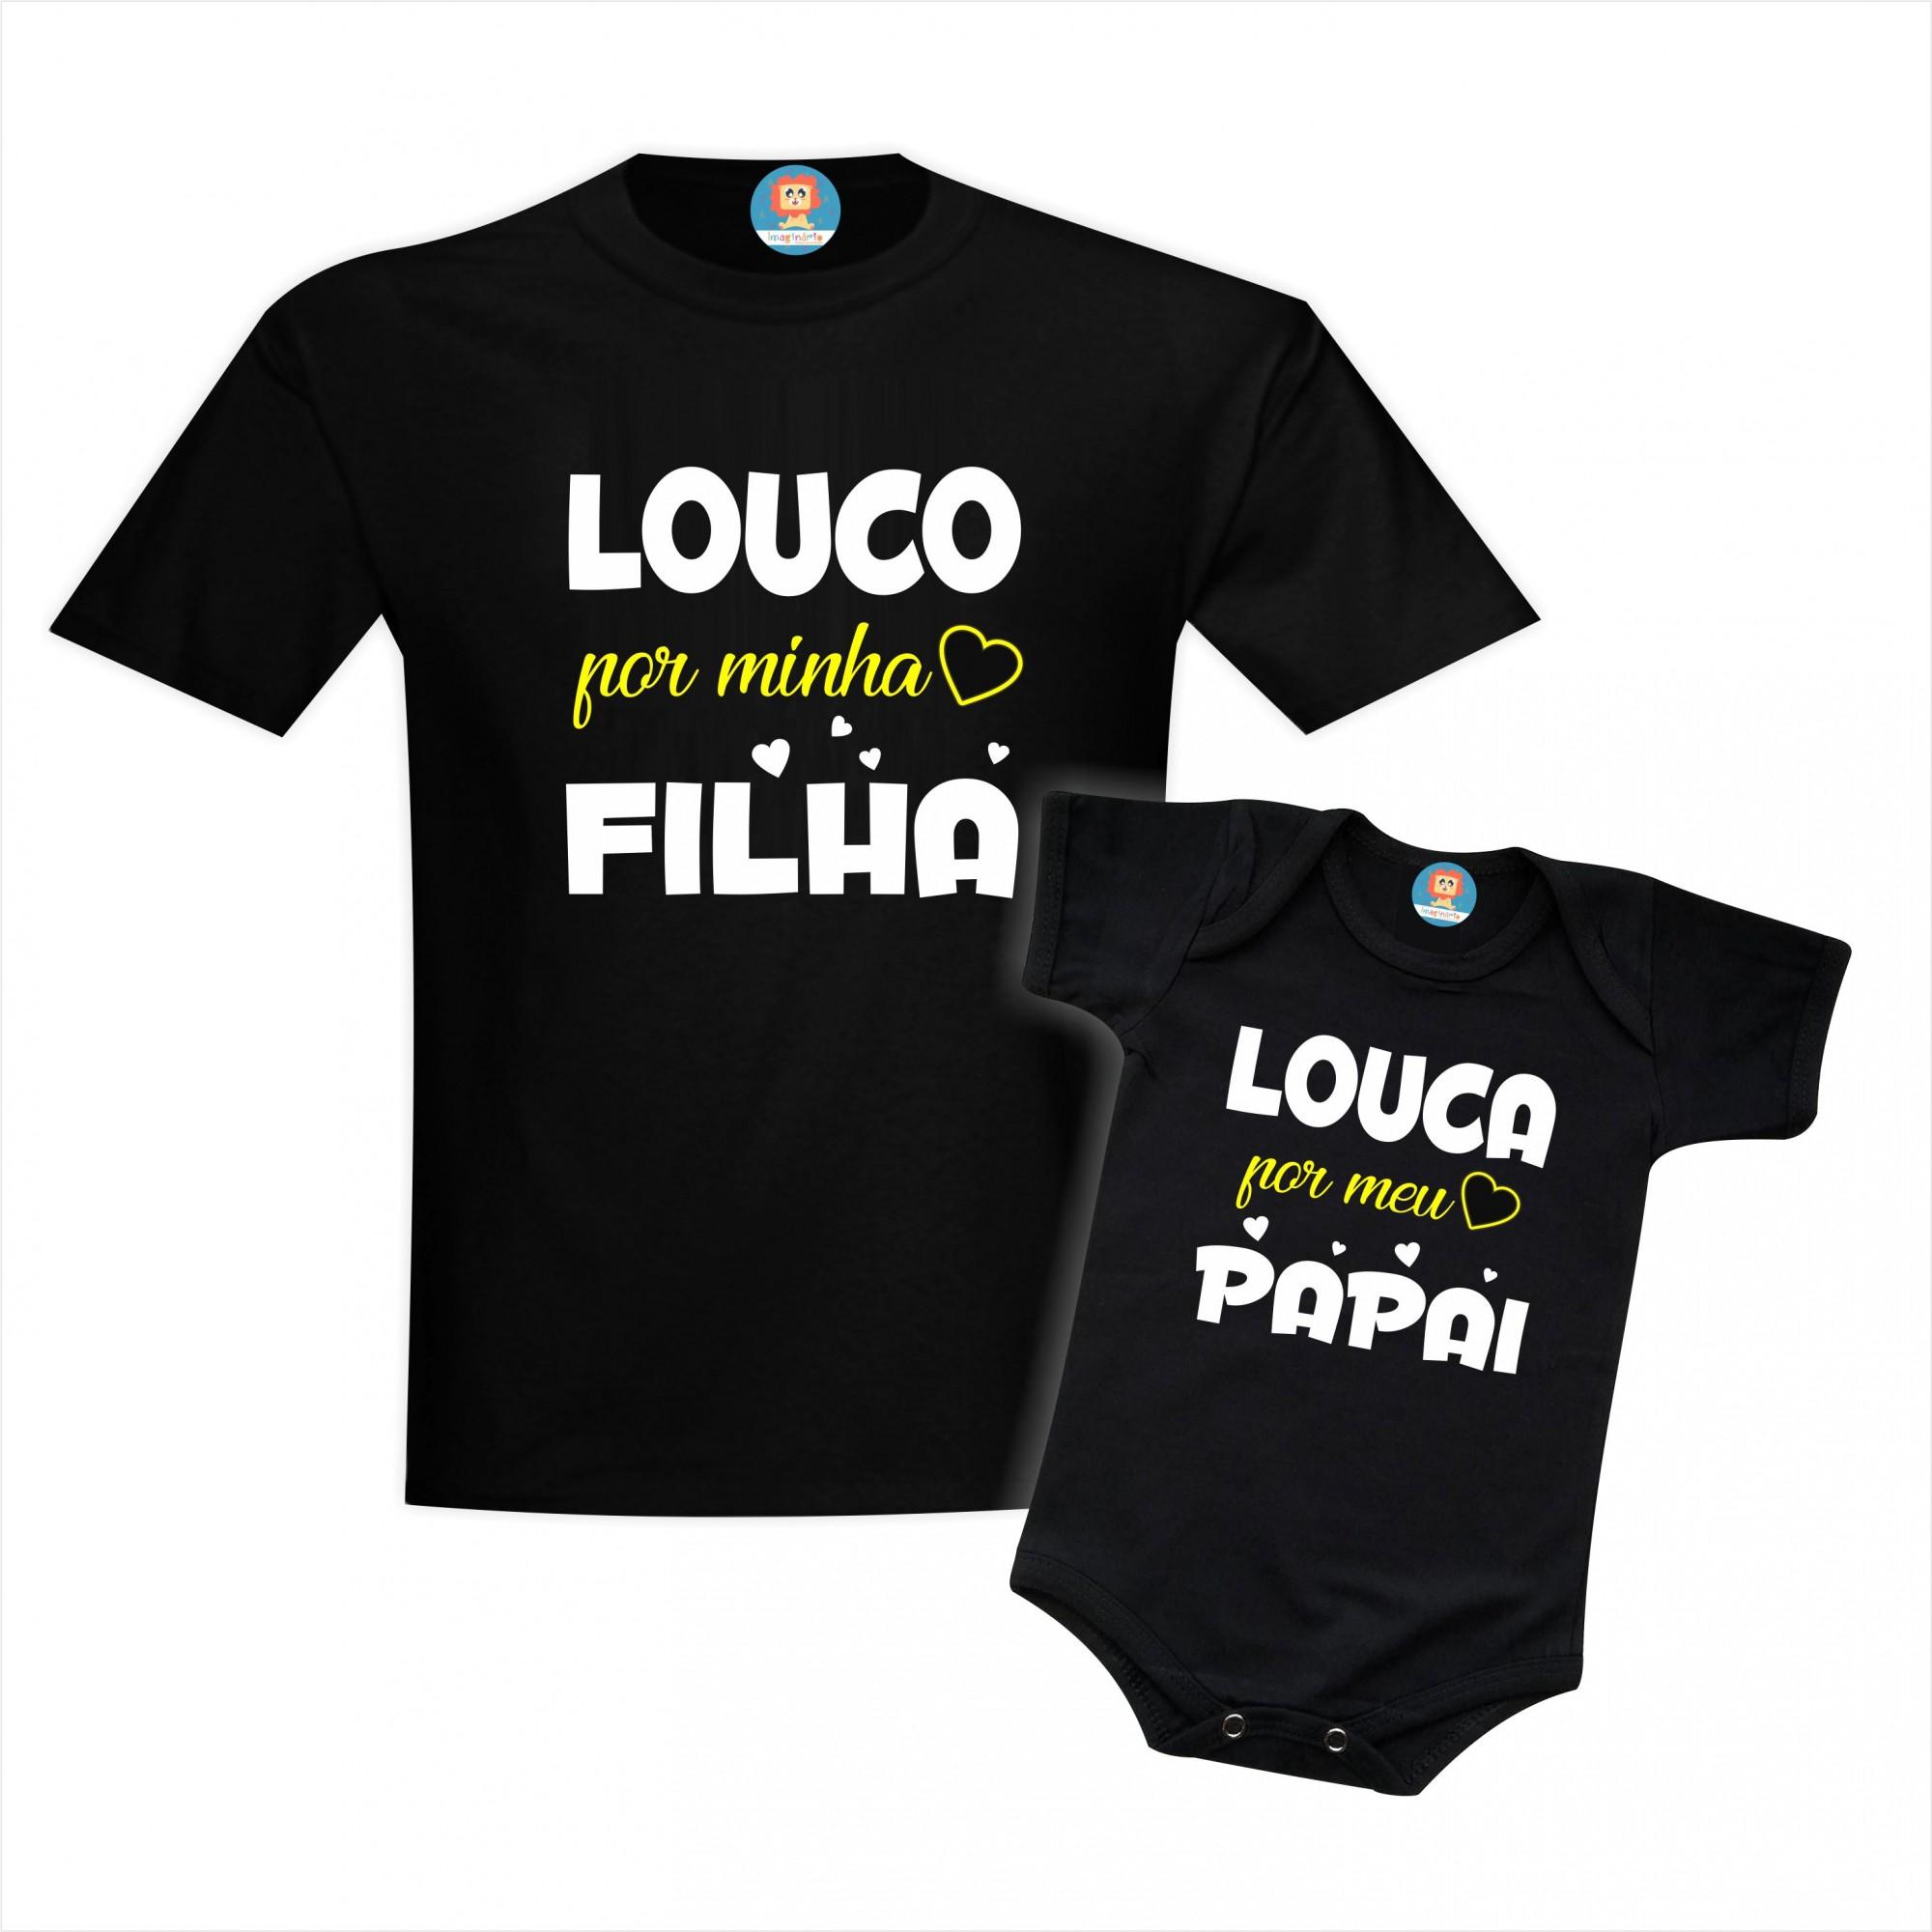 Kit Camiseta e Roupinha Louco Por Minha Filha / Louca Por Meu Papai Dia dos Pais